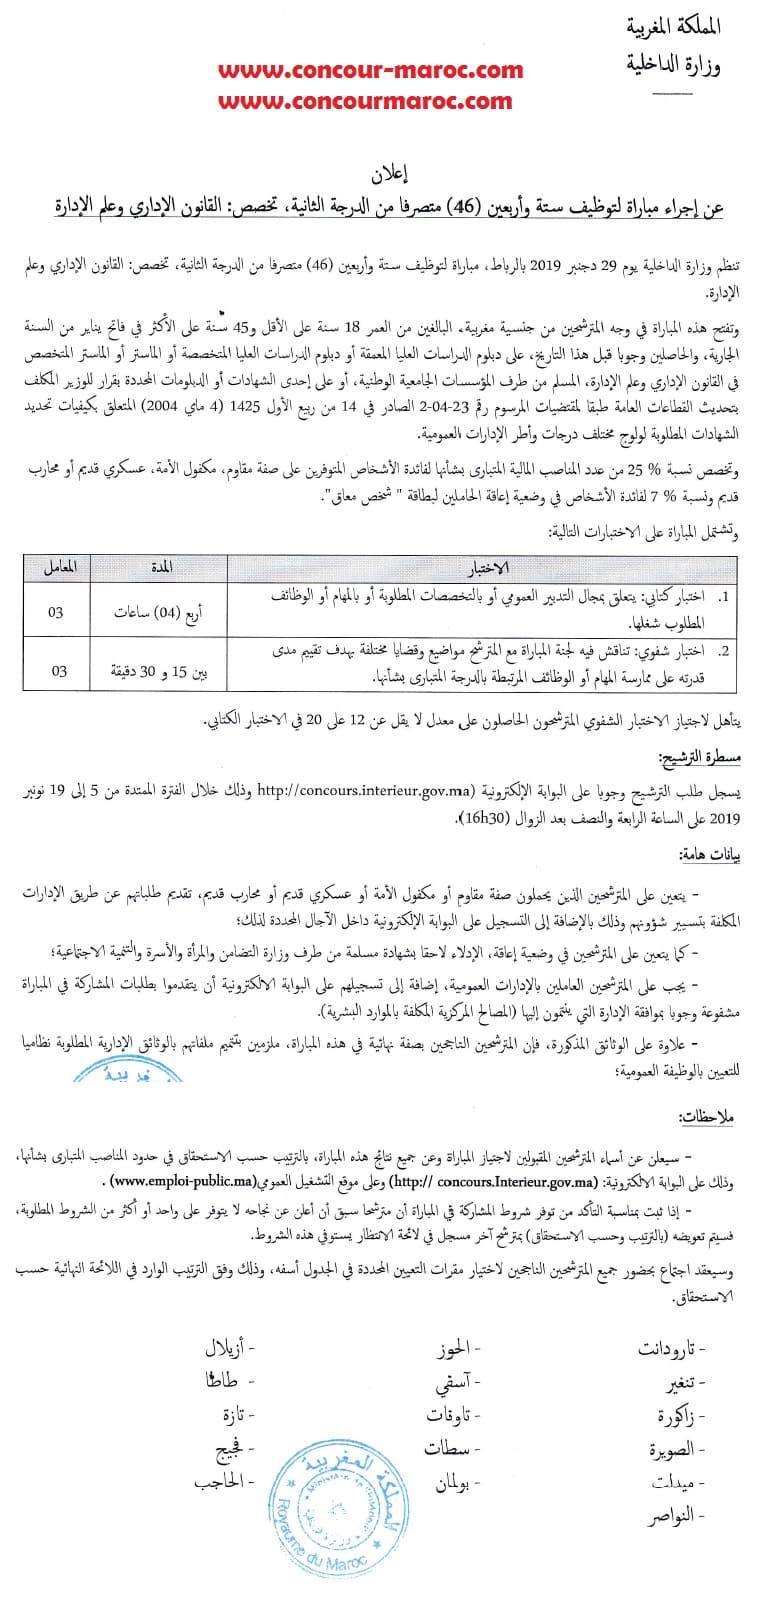 وزارة الداخلية مباراة لتوظيف 154 منصب اطر و مهندسين في عدة تخصصات آخر أجل 19 نونبر 2019 Conco102